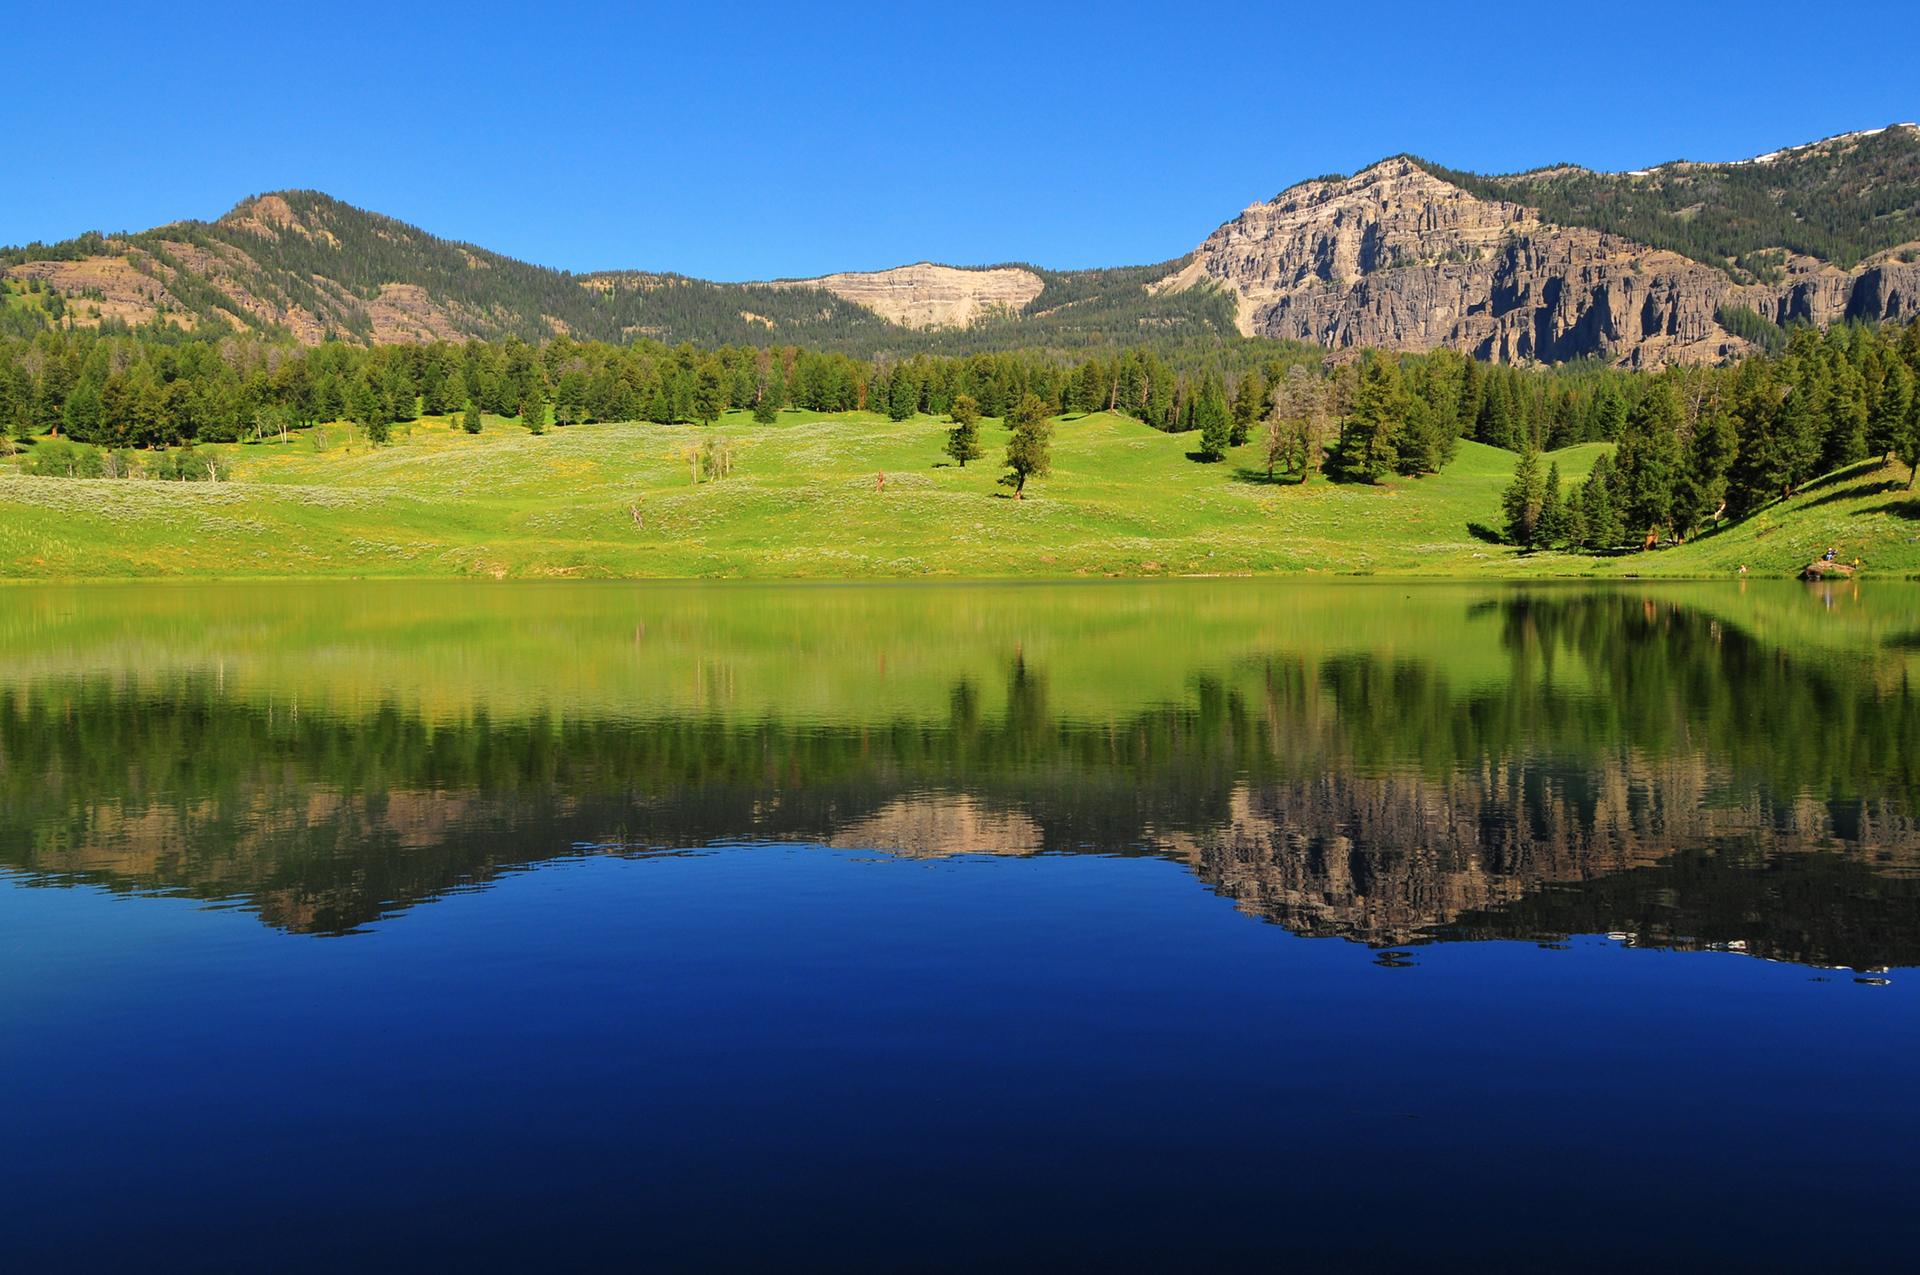 El lago Yellowstone es el lago de gran altitud más grande de América del Norte. El área es el hábitat principal de muchas aves y muchos mamíferos. Gente de todos lados acude para maravillarse con los vibrantes colores y los arco iris que se generan a su alrededor, que crean un efecto sorprendente y paradisíaco